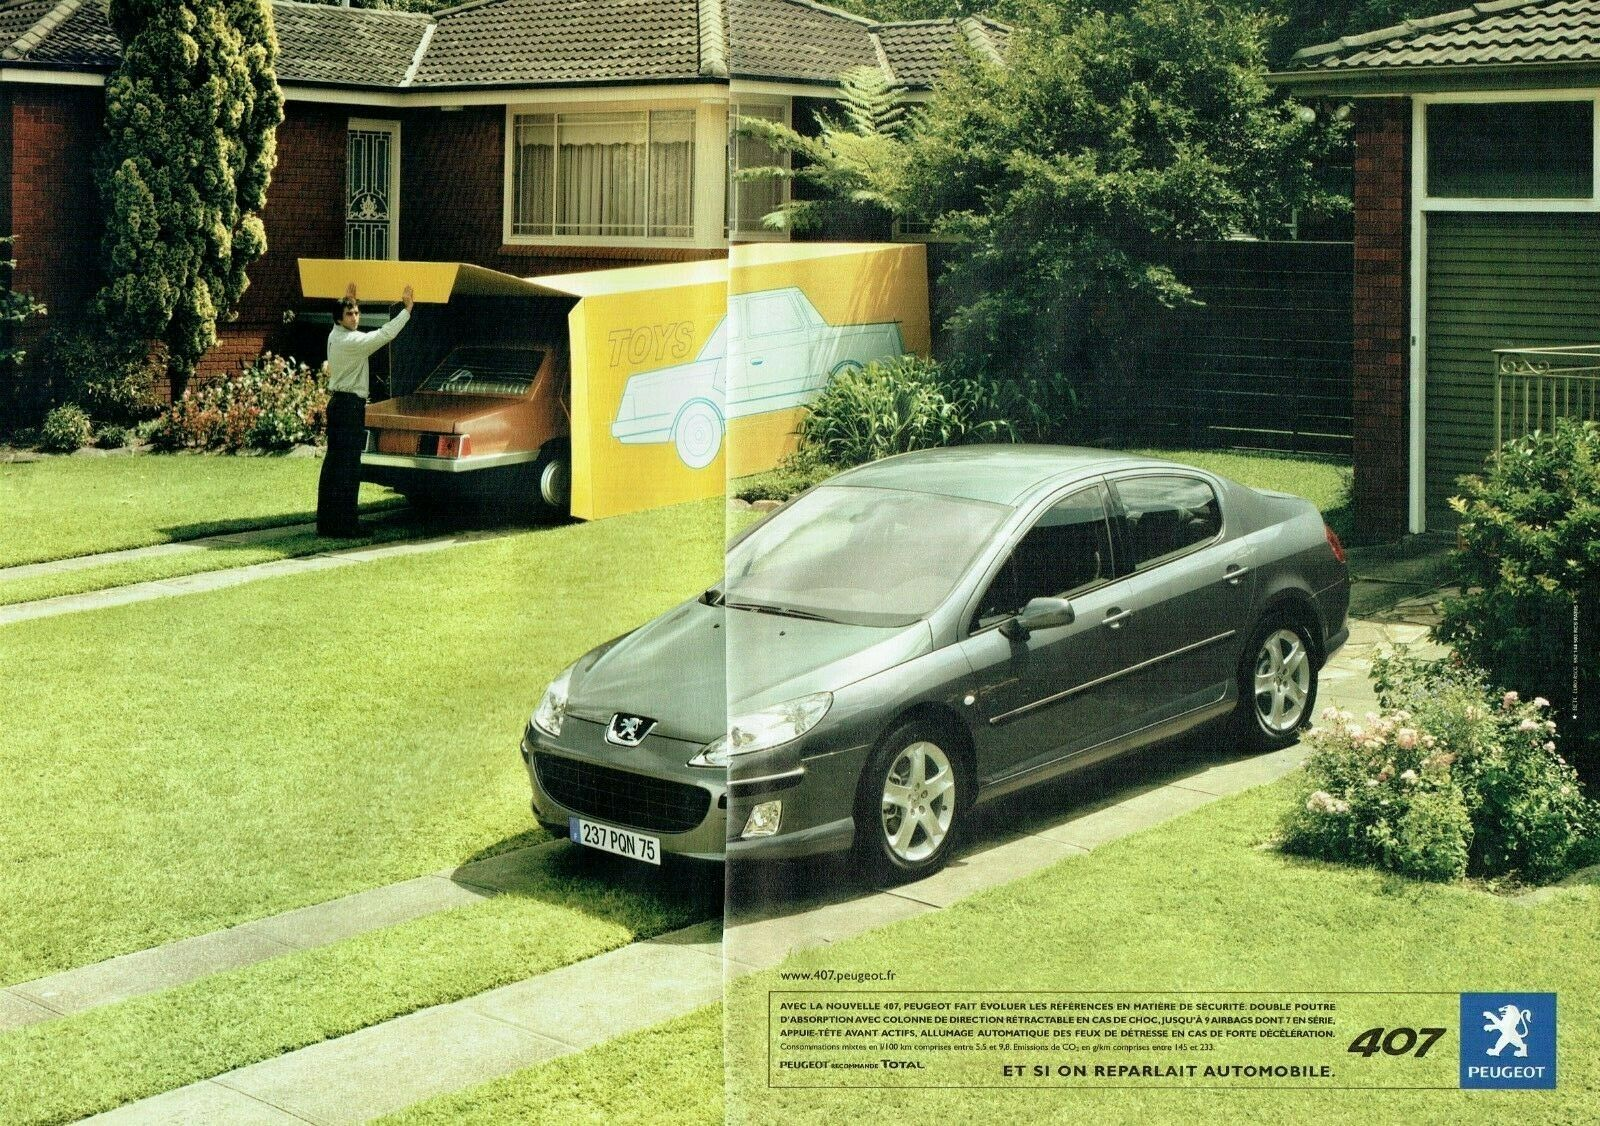 2004 Peugeot 407 A1